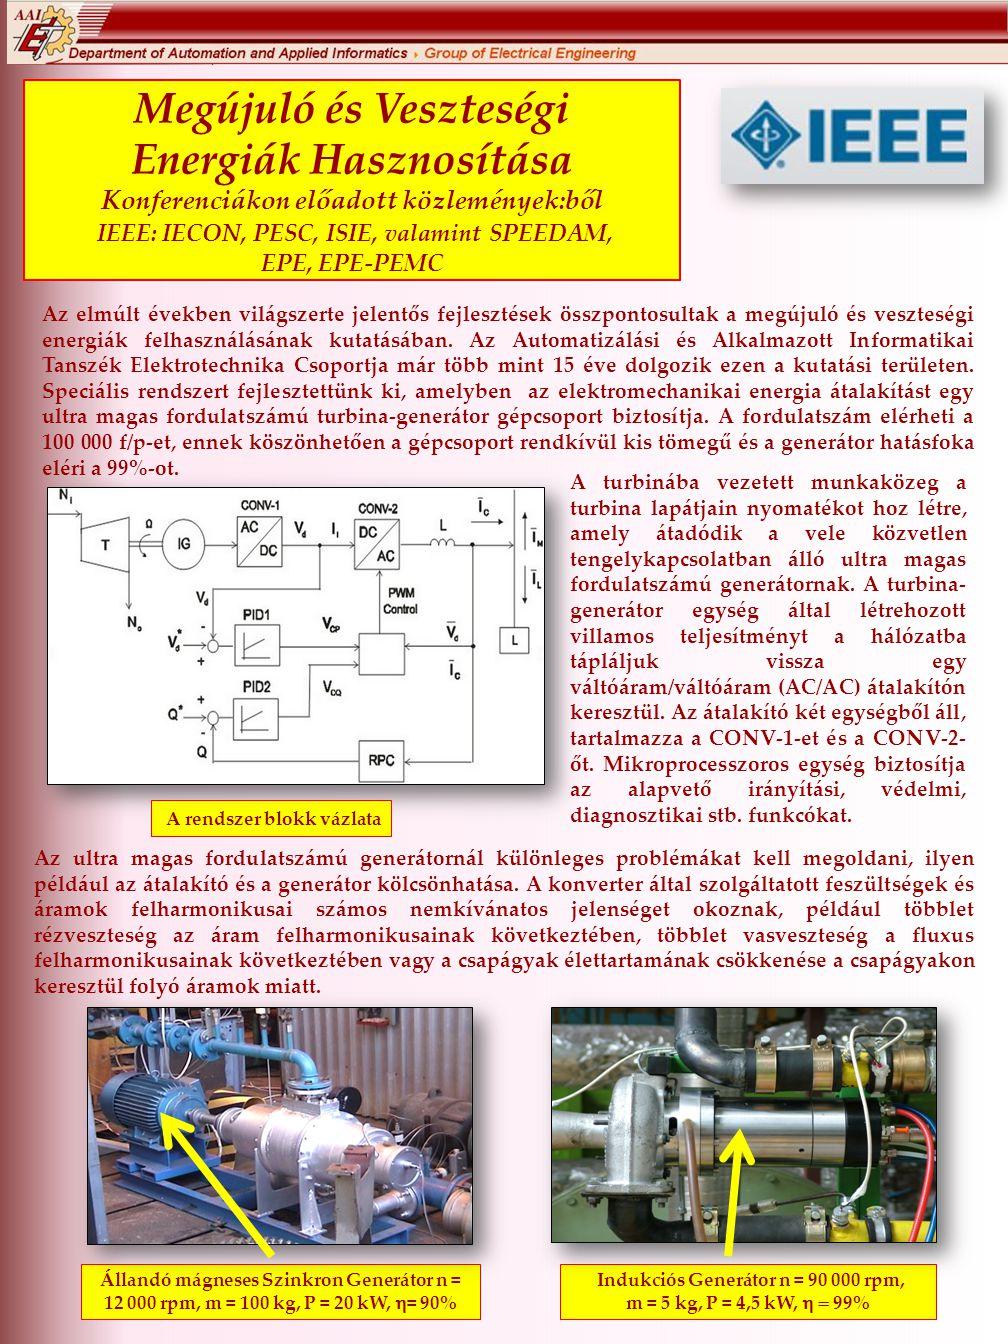 Megújuló és Veszteségi Energiák Hasznosítása